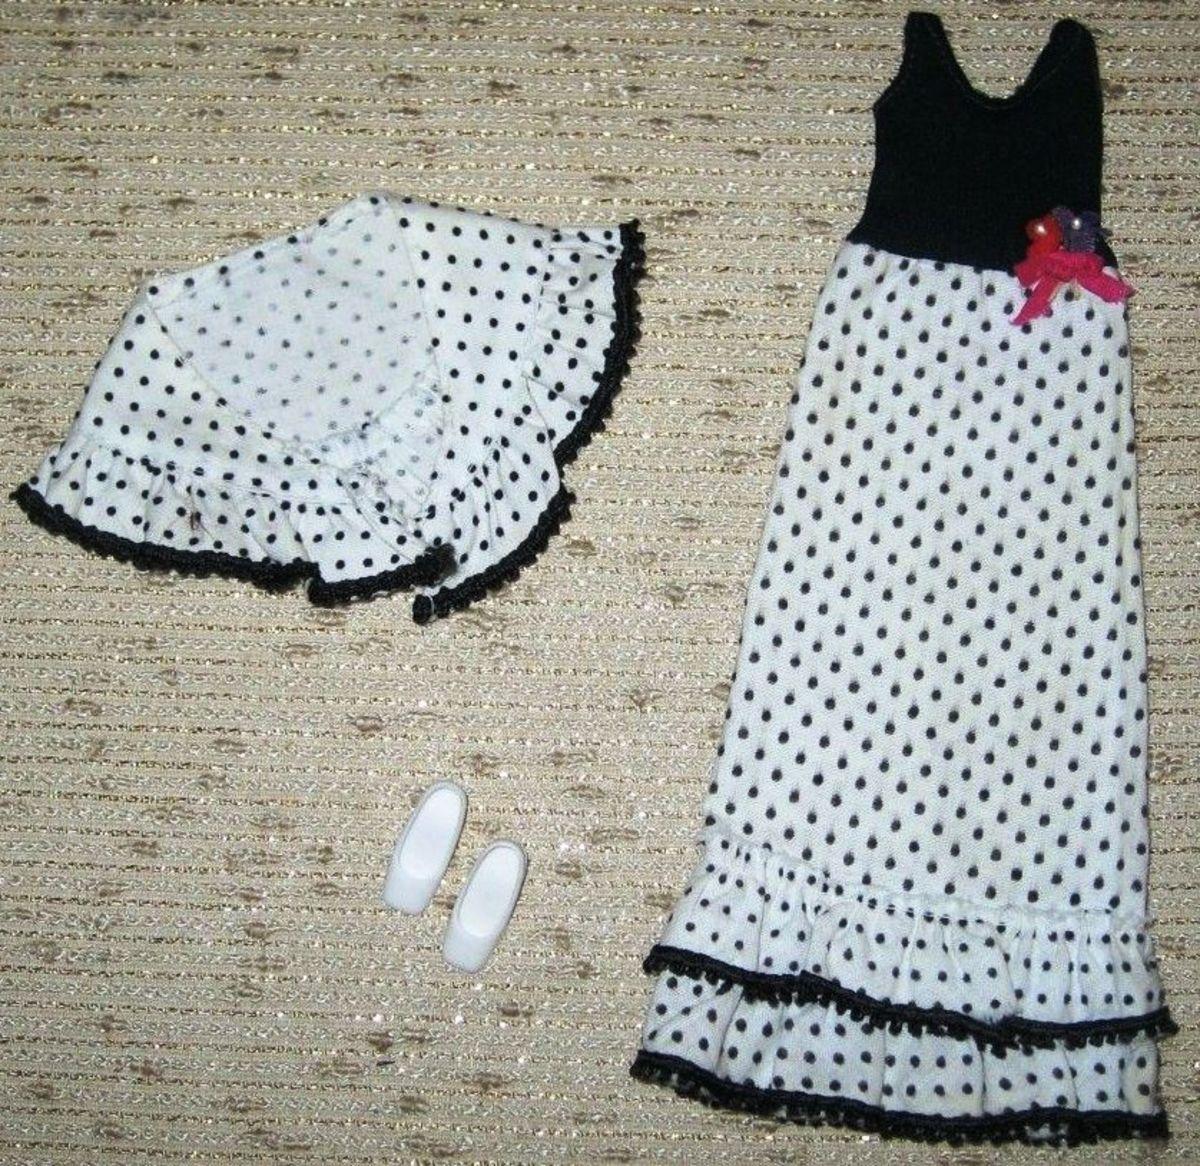 Francie Doll's Best Buy fashion; #7767